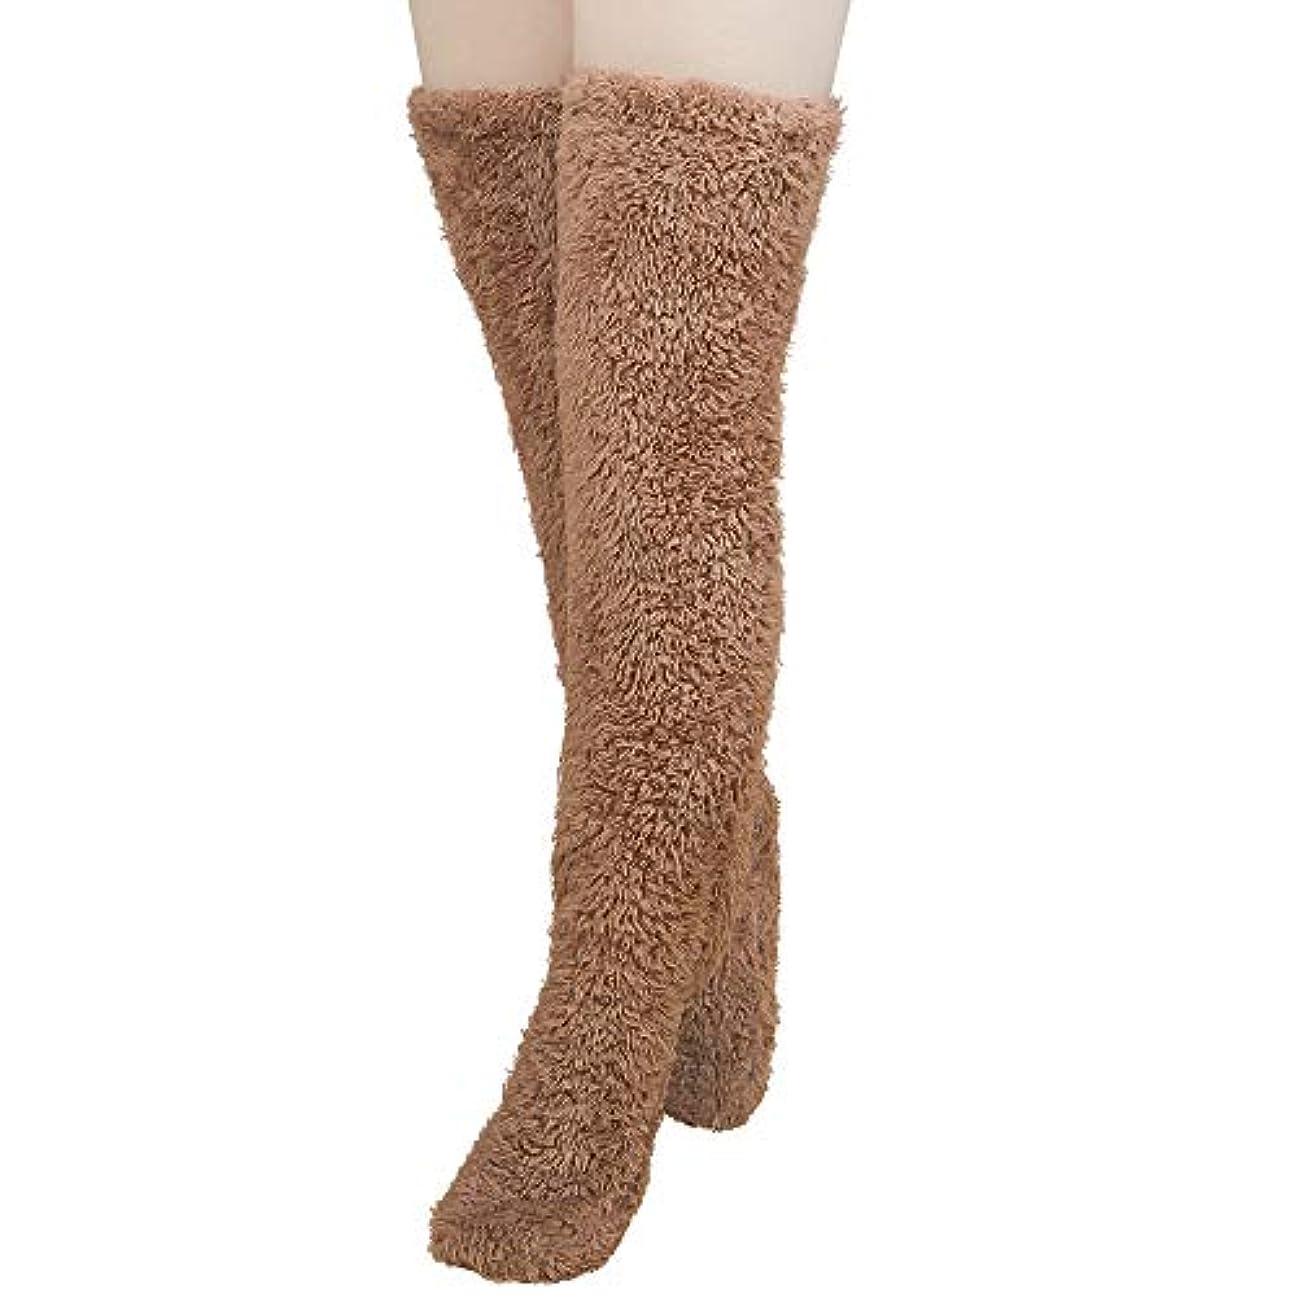 メイン調整可能不均一Miuko 足が出せるロングカバー 極暖 レッグウォーマー ふわふわ靴下 ロングソックス 冷えとり靴下 毛布ソックス 冷え対策 防寒ソックス あったか 超厚手 男女兼用